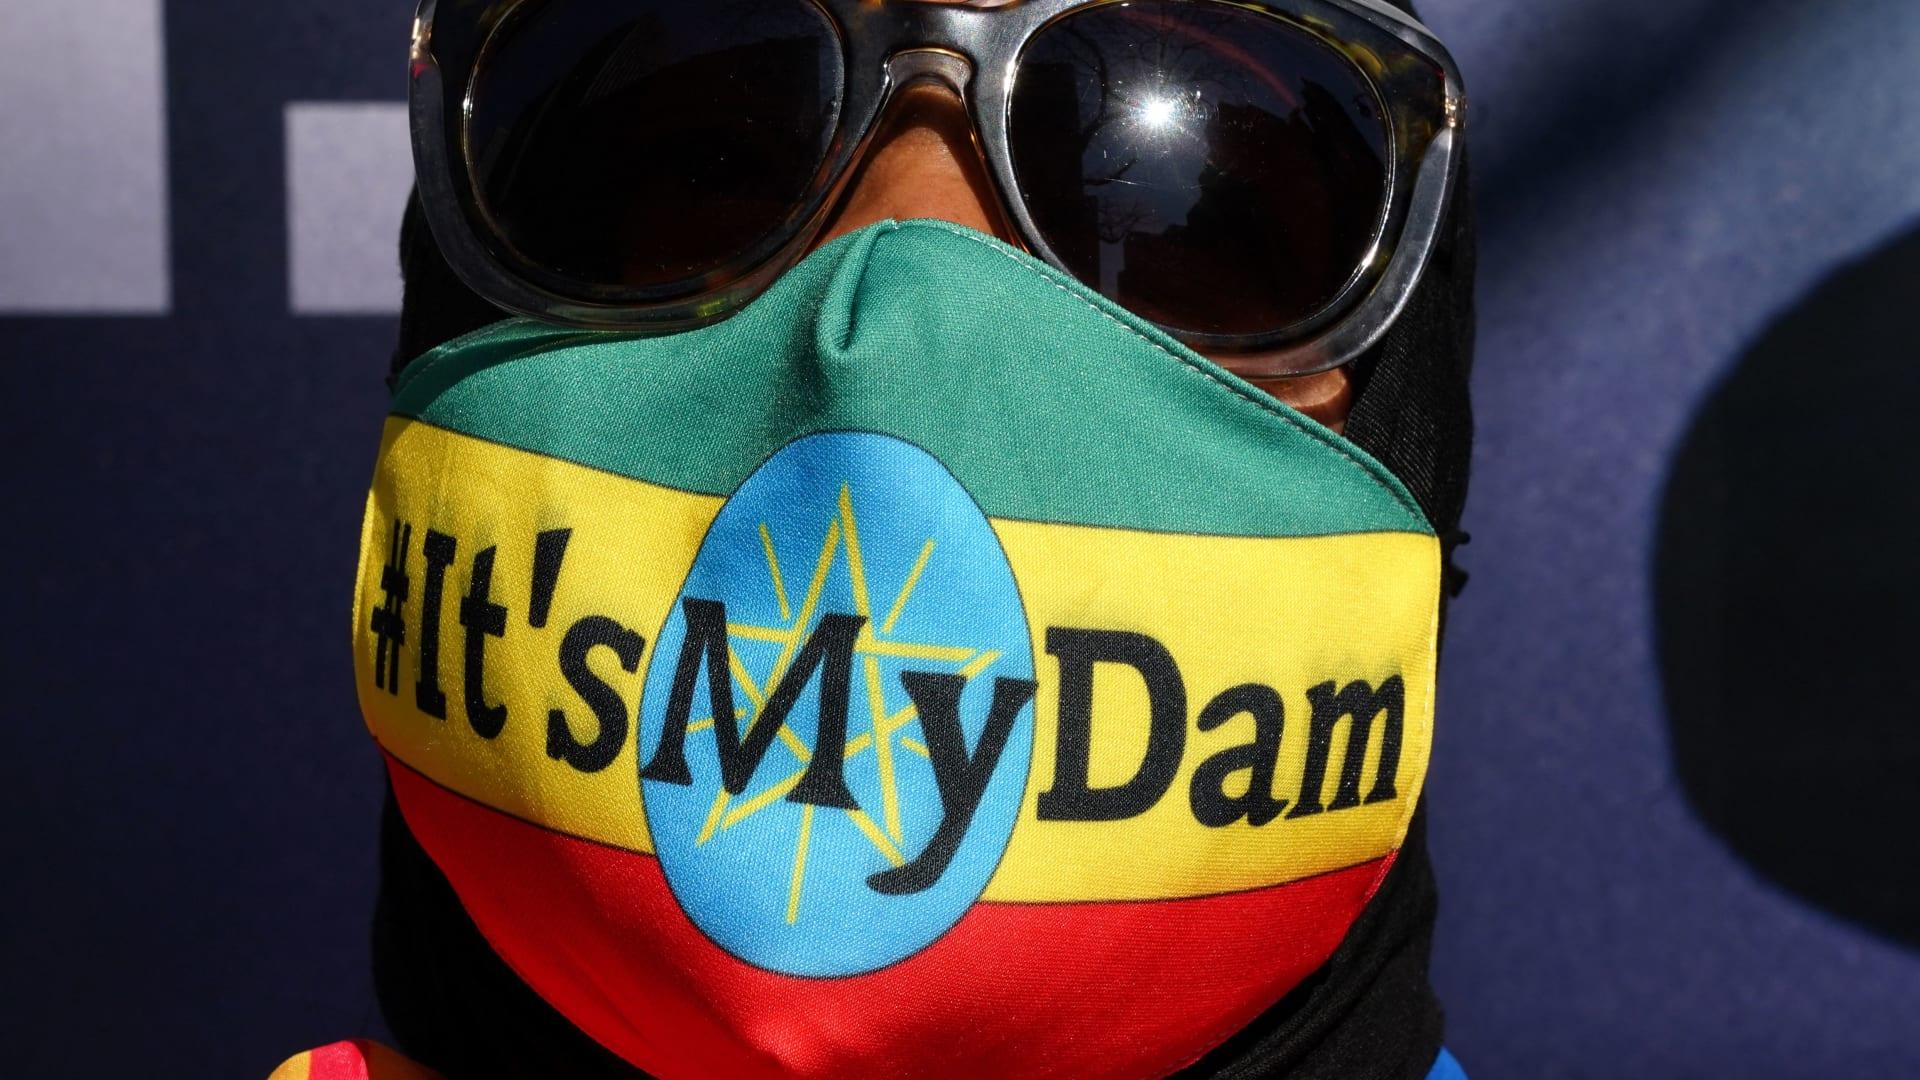 مصر ترفض عزم إثيوبيا ملء سد النهضة دون اتفاق: تهديد يحتوى حديثًا بلغة السيادة